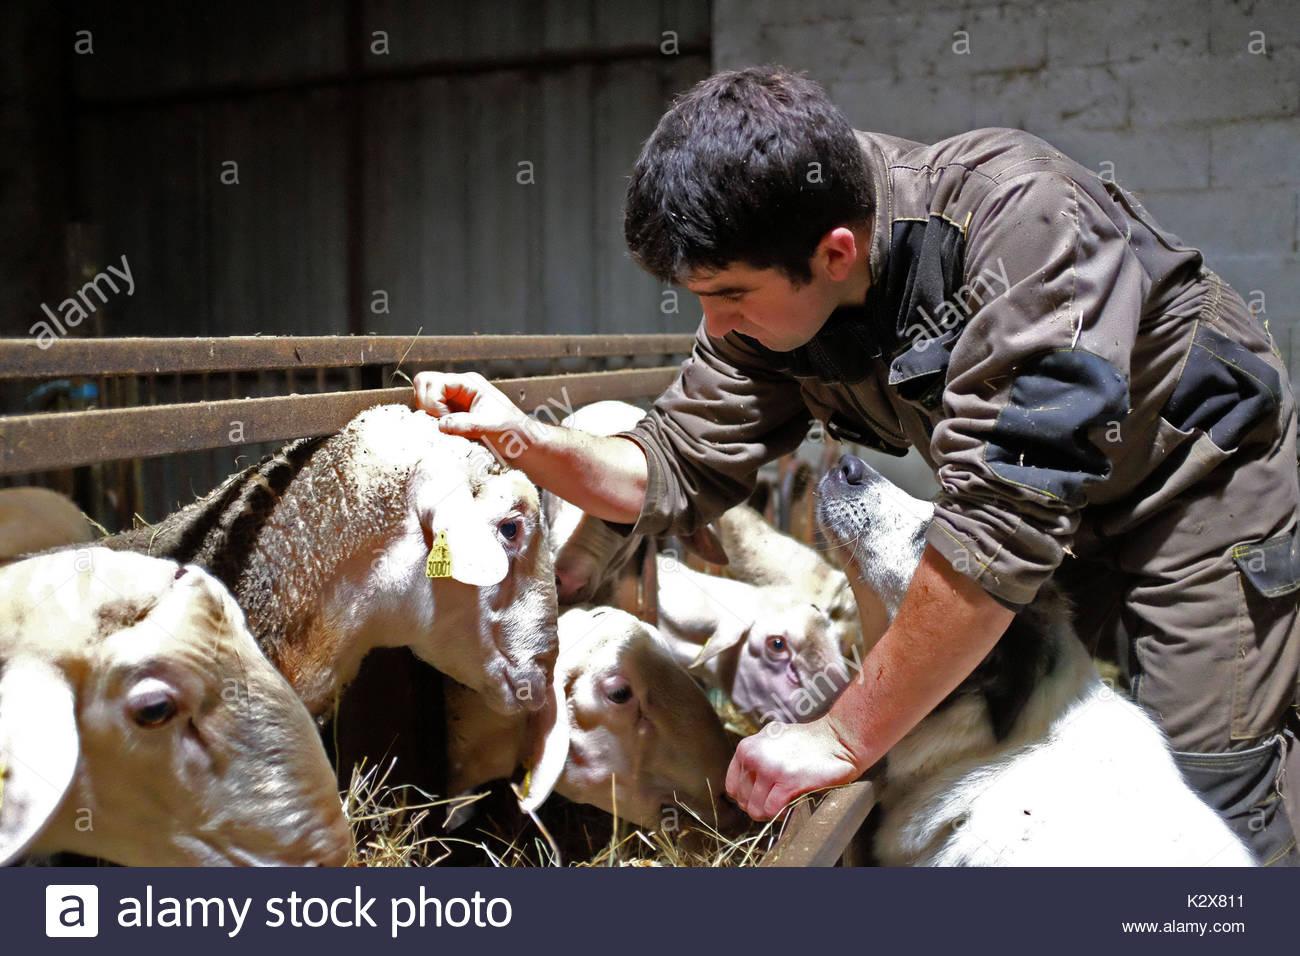 France, Nouvelle-Aquitaine, Pyrenees Atlantiques, Fichous Riumayou, moment de tendresse entre le fermier et ses betes. *** Moment of tenderness between the farmer and his beasts, France, Nouvelle-Aquitaine, Pyrenees Atlantiques, Fichous Riumayou - Stock Image